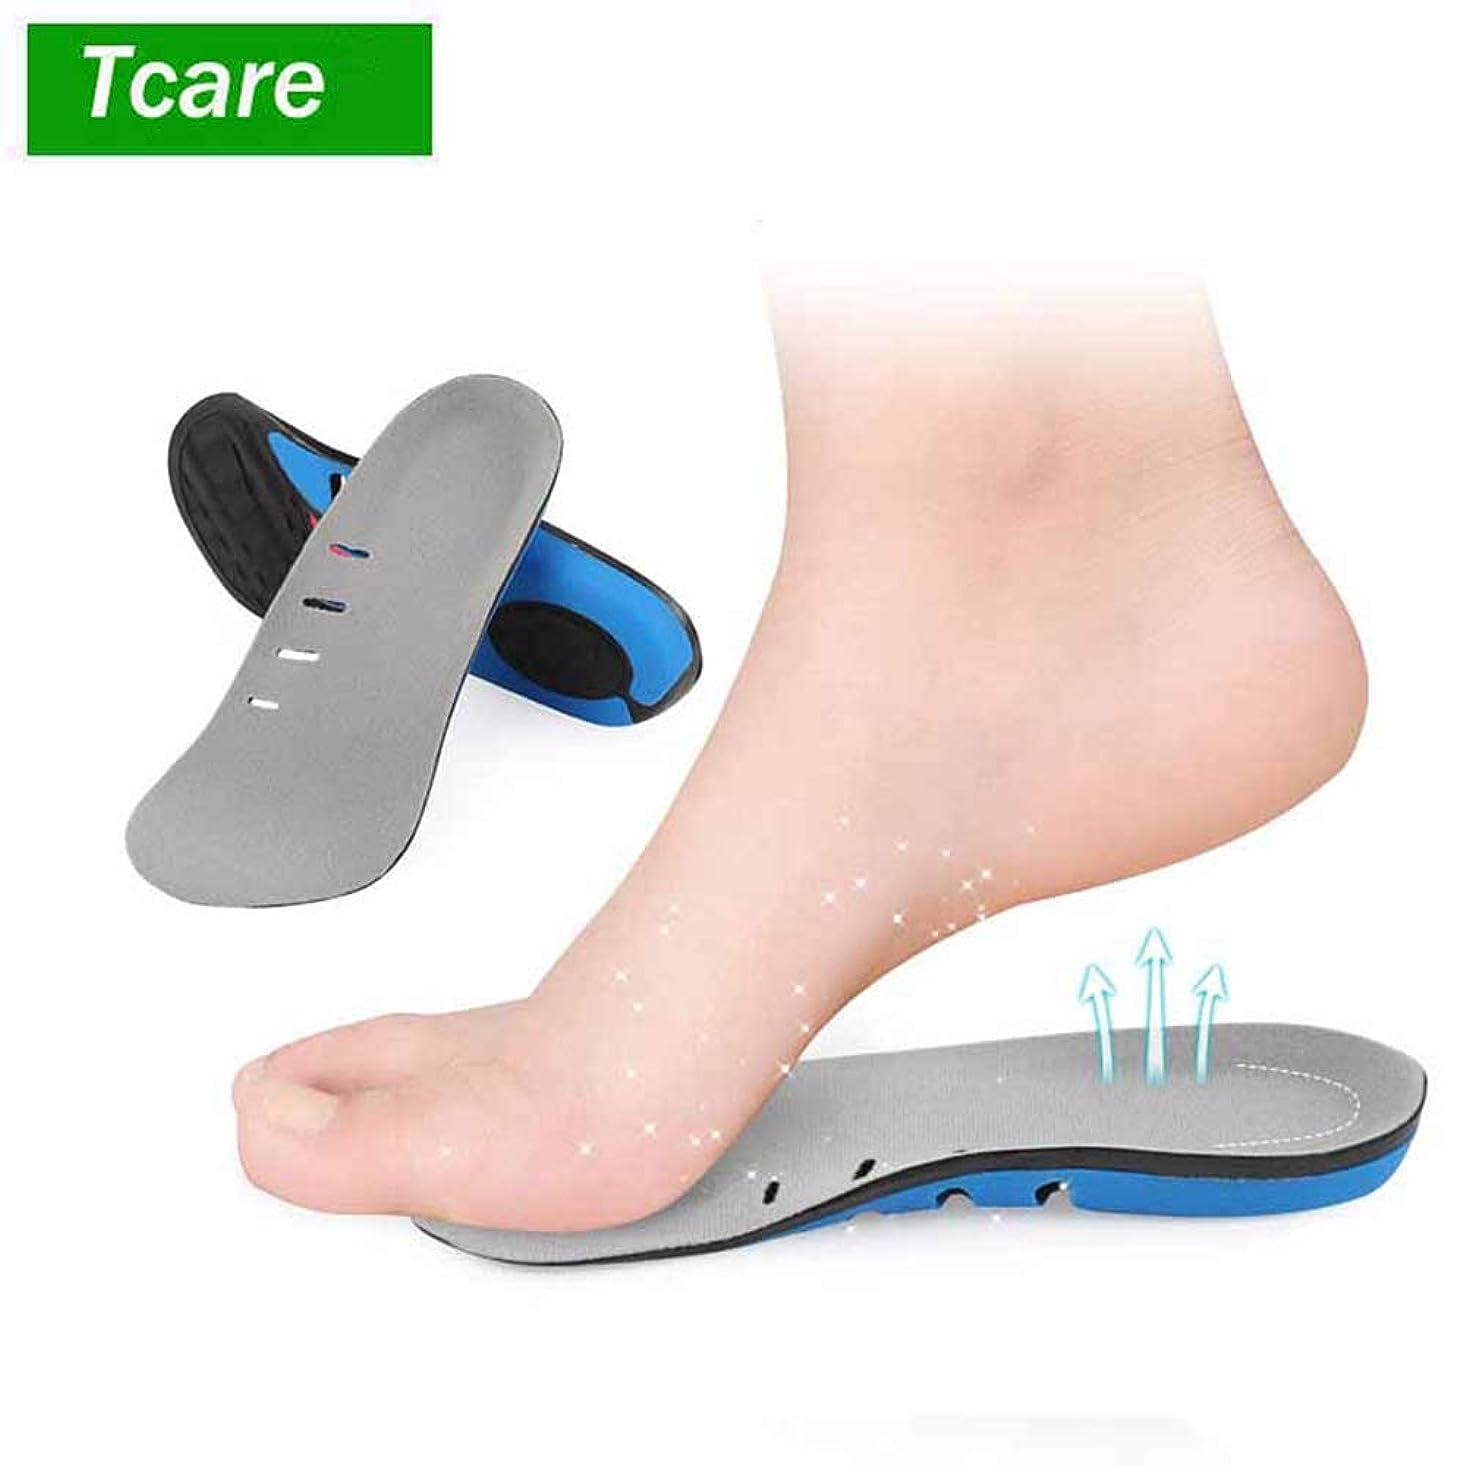 見えない怒りバンカー靴のマッサージシューズのインソールは、男性用/女性用の足底筋膜炎用インソール